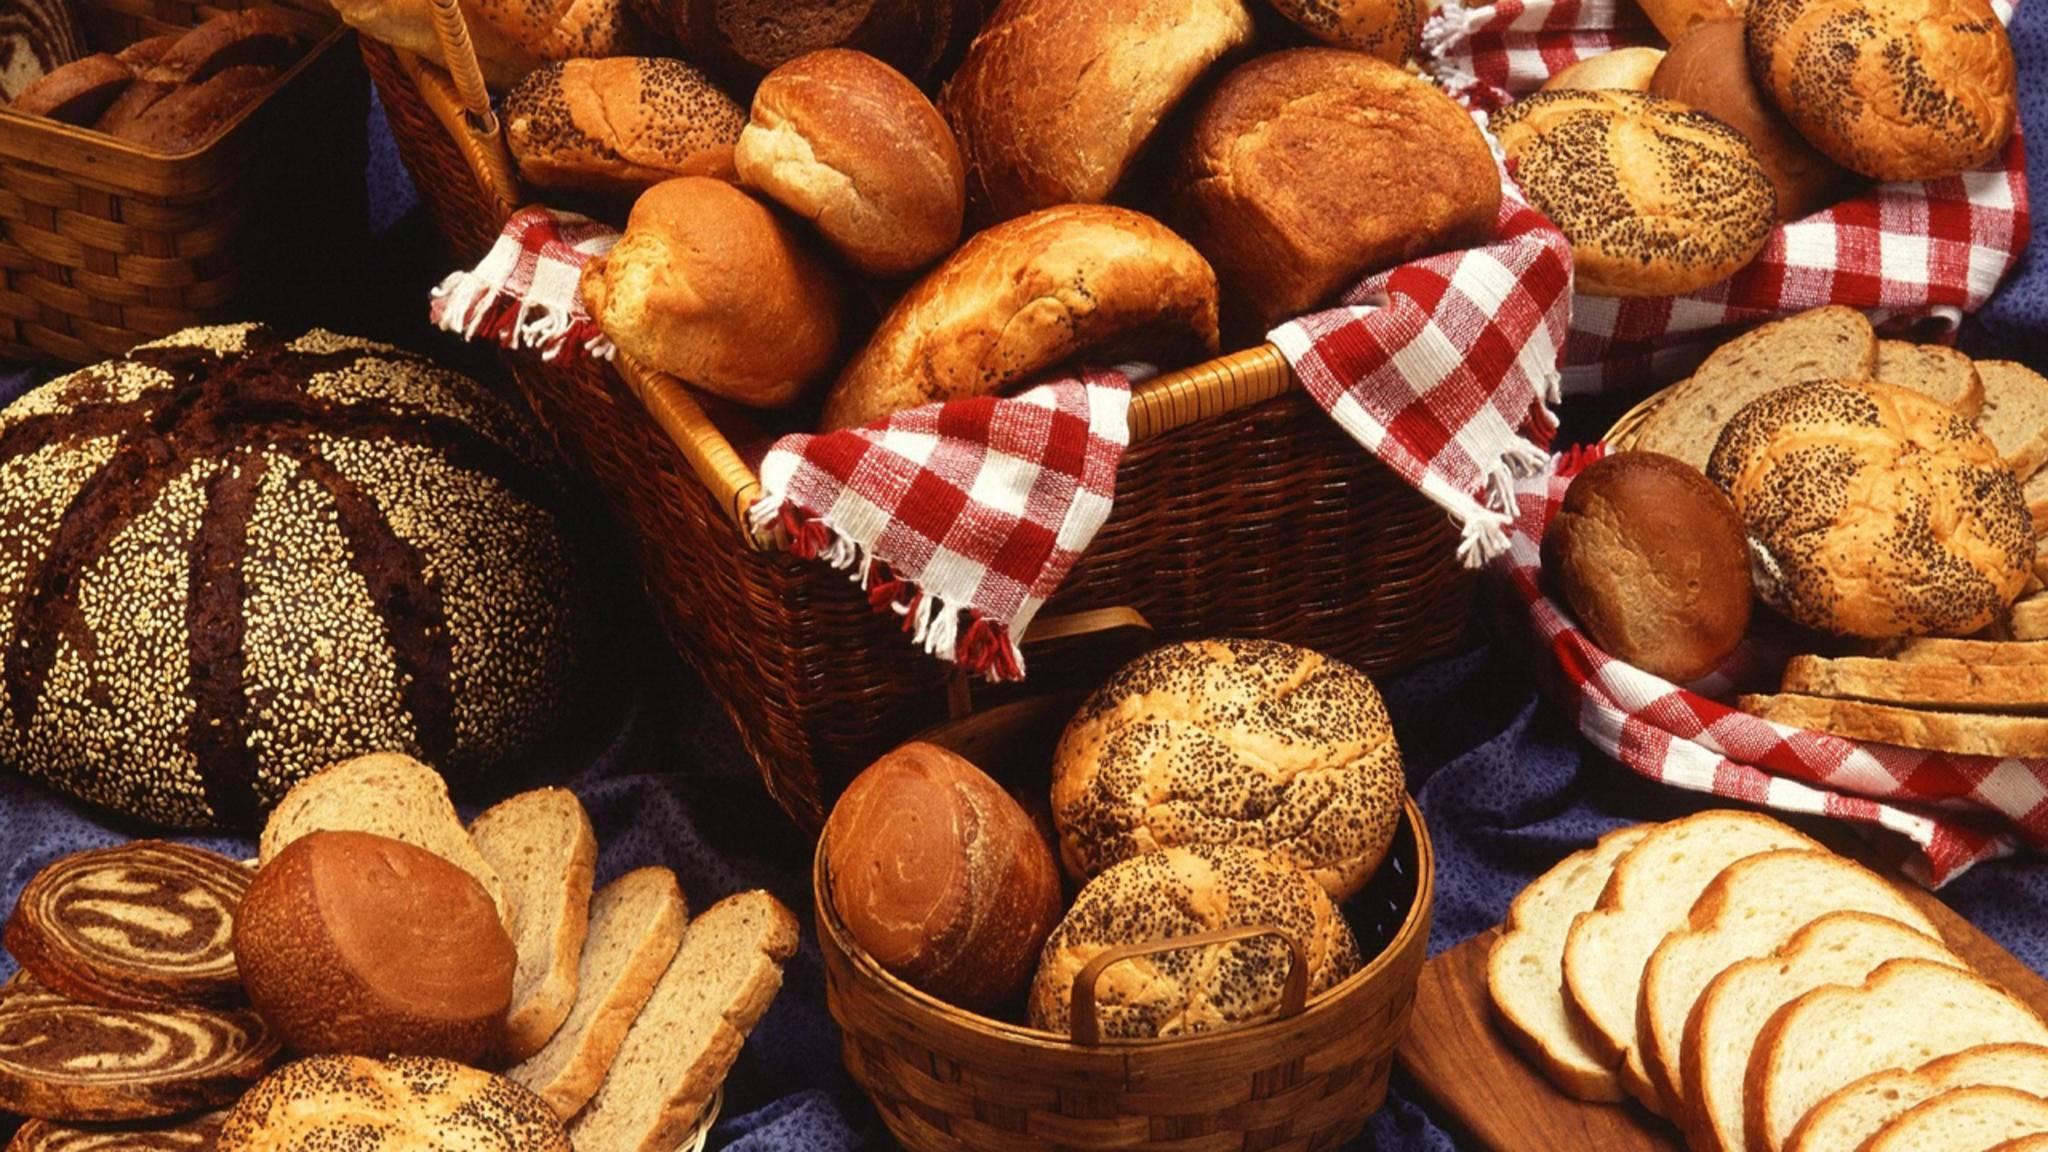 Brot gibt es in zahlreichen Formen und Farben. Wir zeigen Dir, wie Du auch als Anfänger einfach in den Genuss von selbstgebackenem Brot kommst.